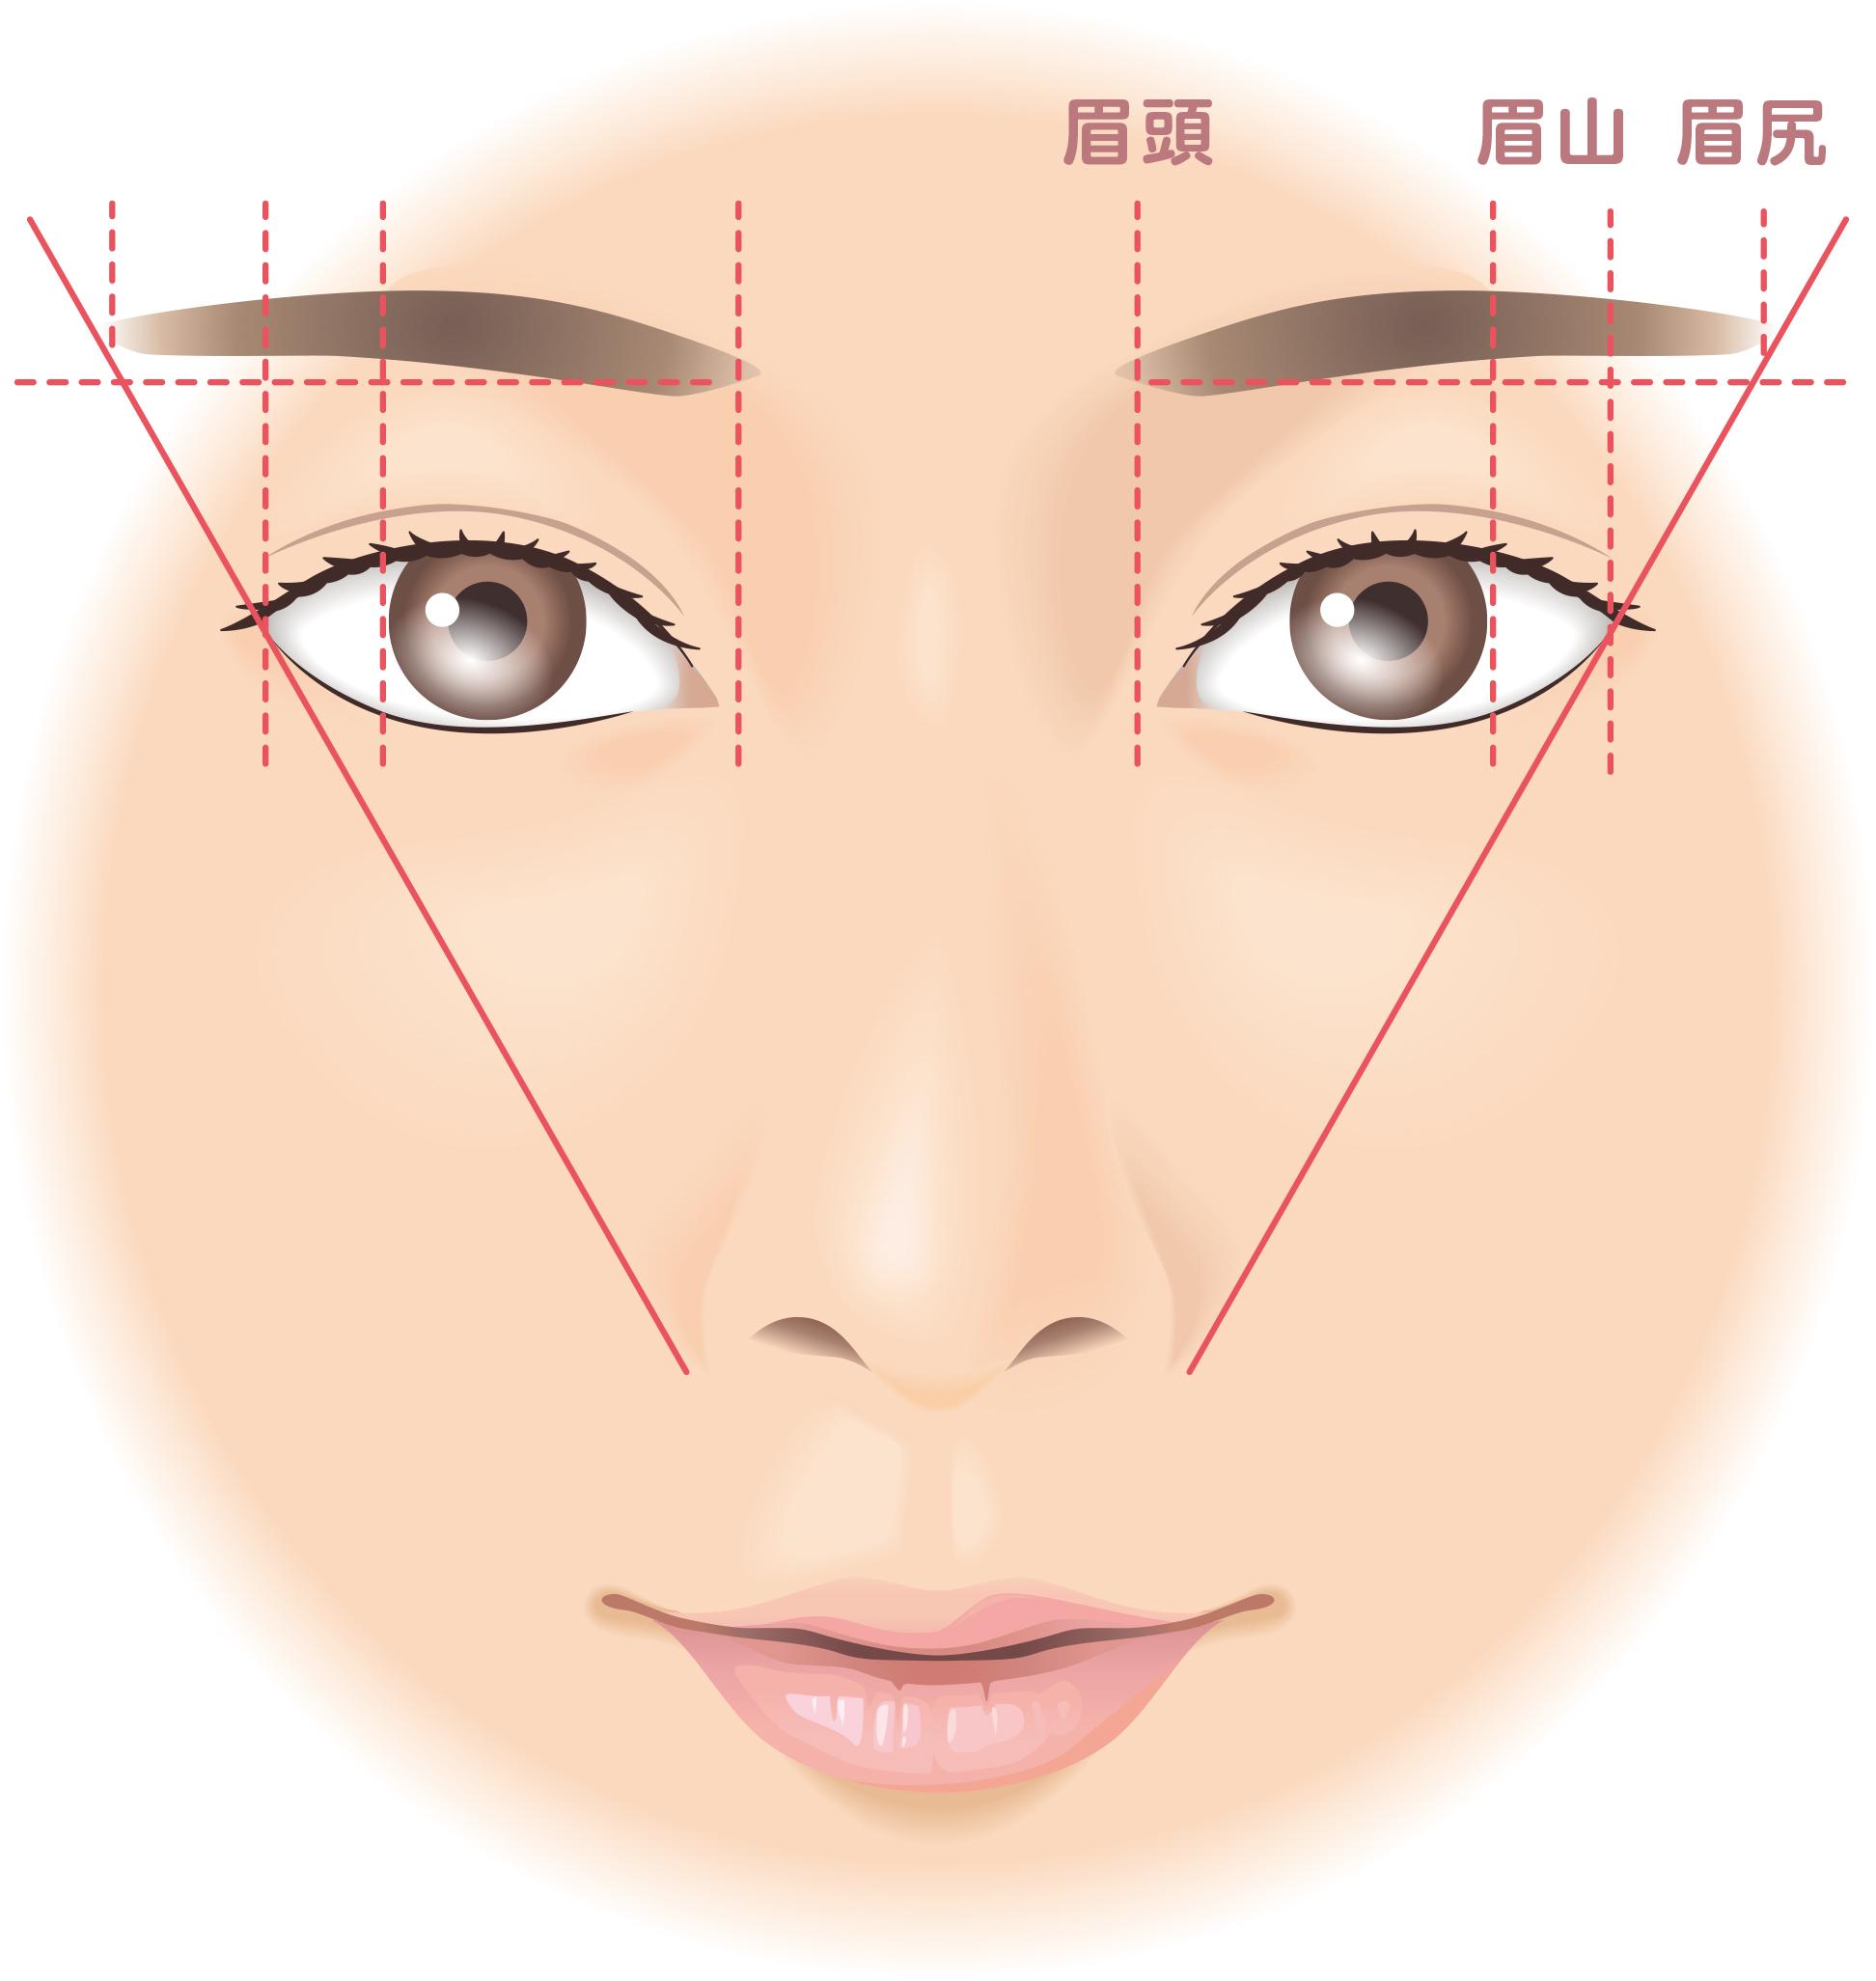 眉の黄金比率を示したイラスト